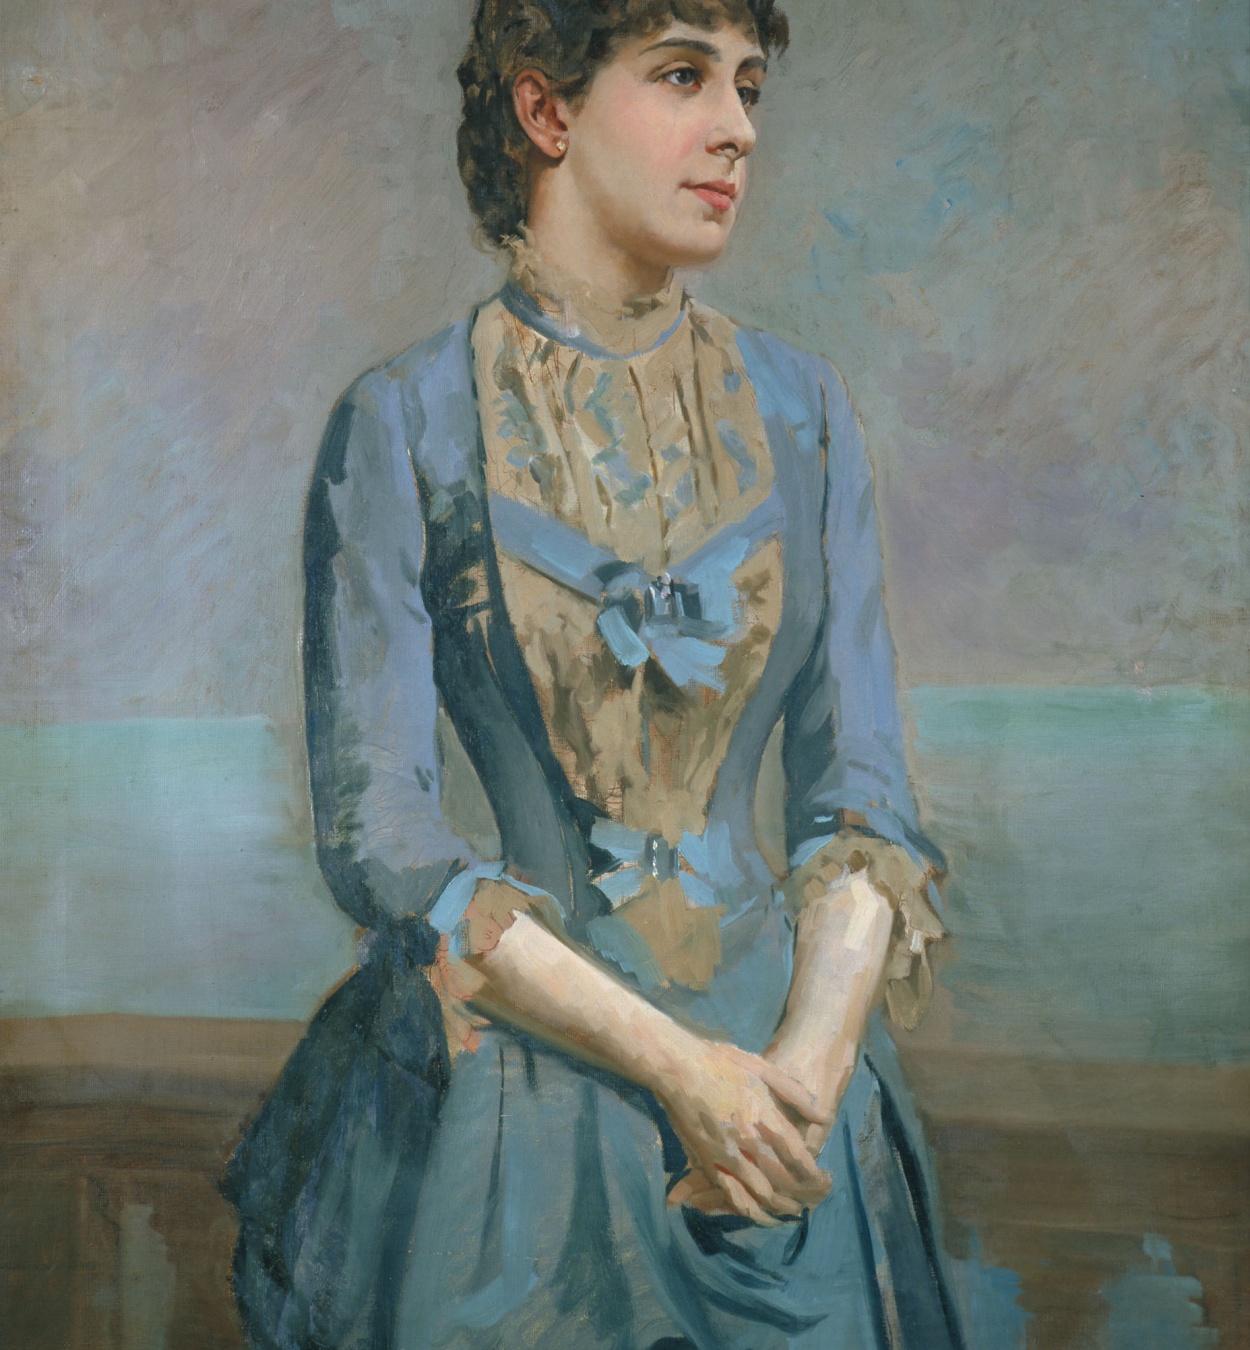 Antoni Caba - Retrat de Lluïsa Dulce i Tresserra, marquesa de Castellflorite - Cap a 1880